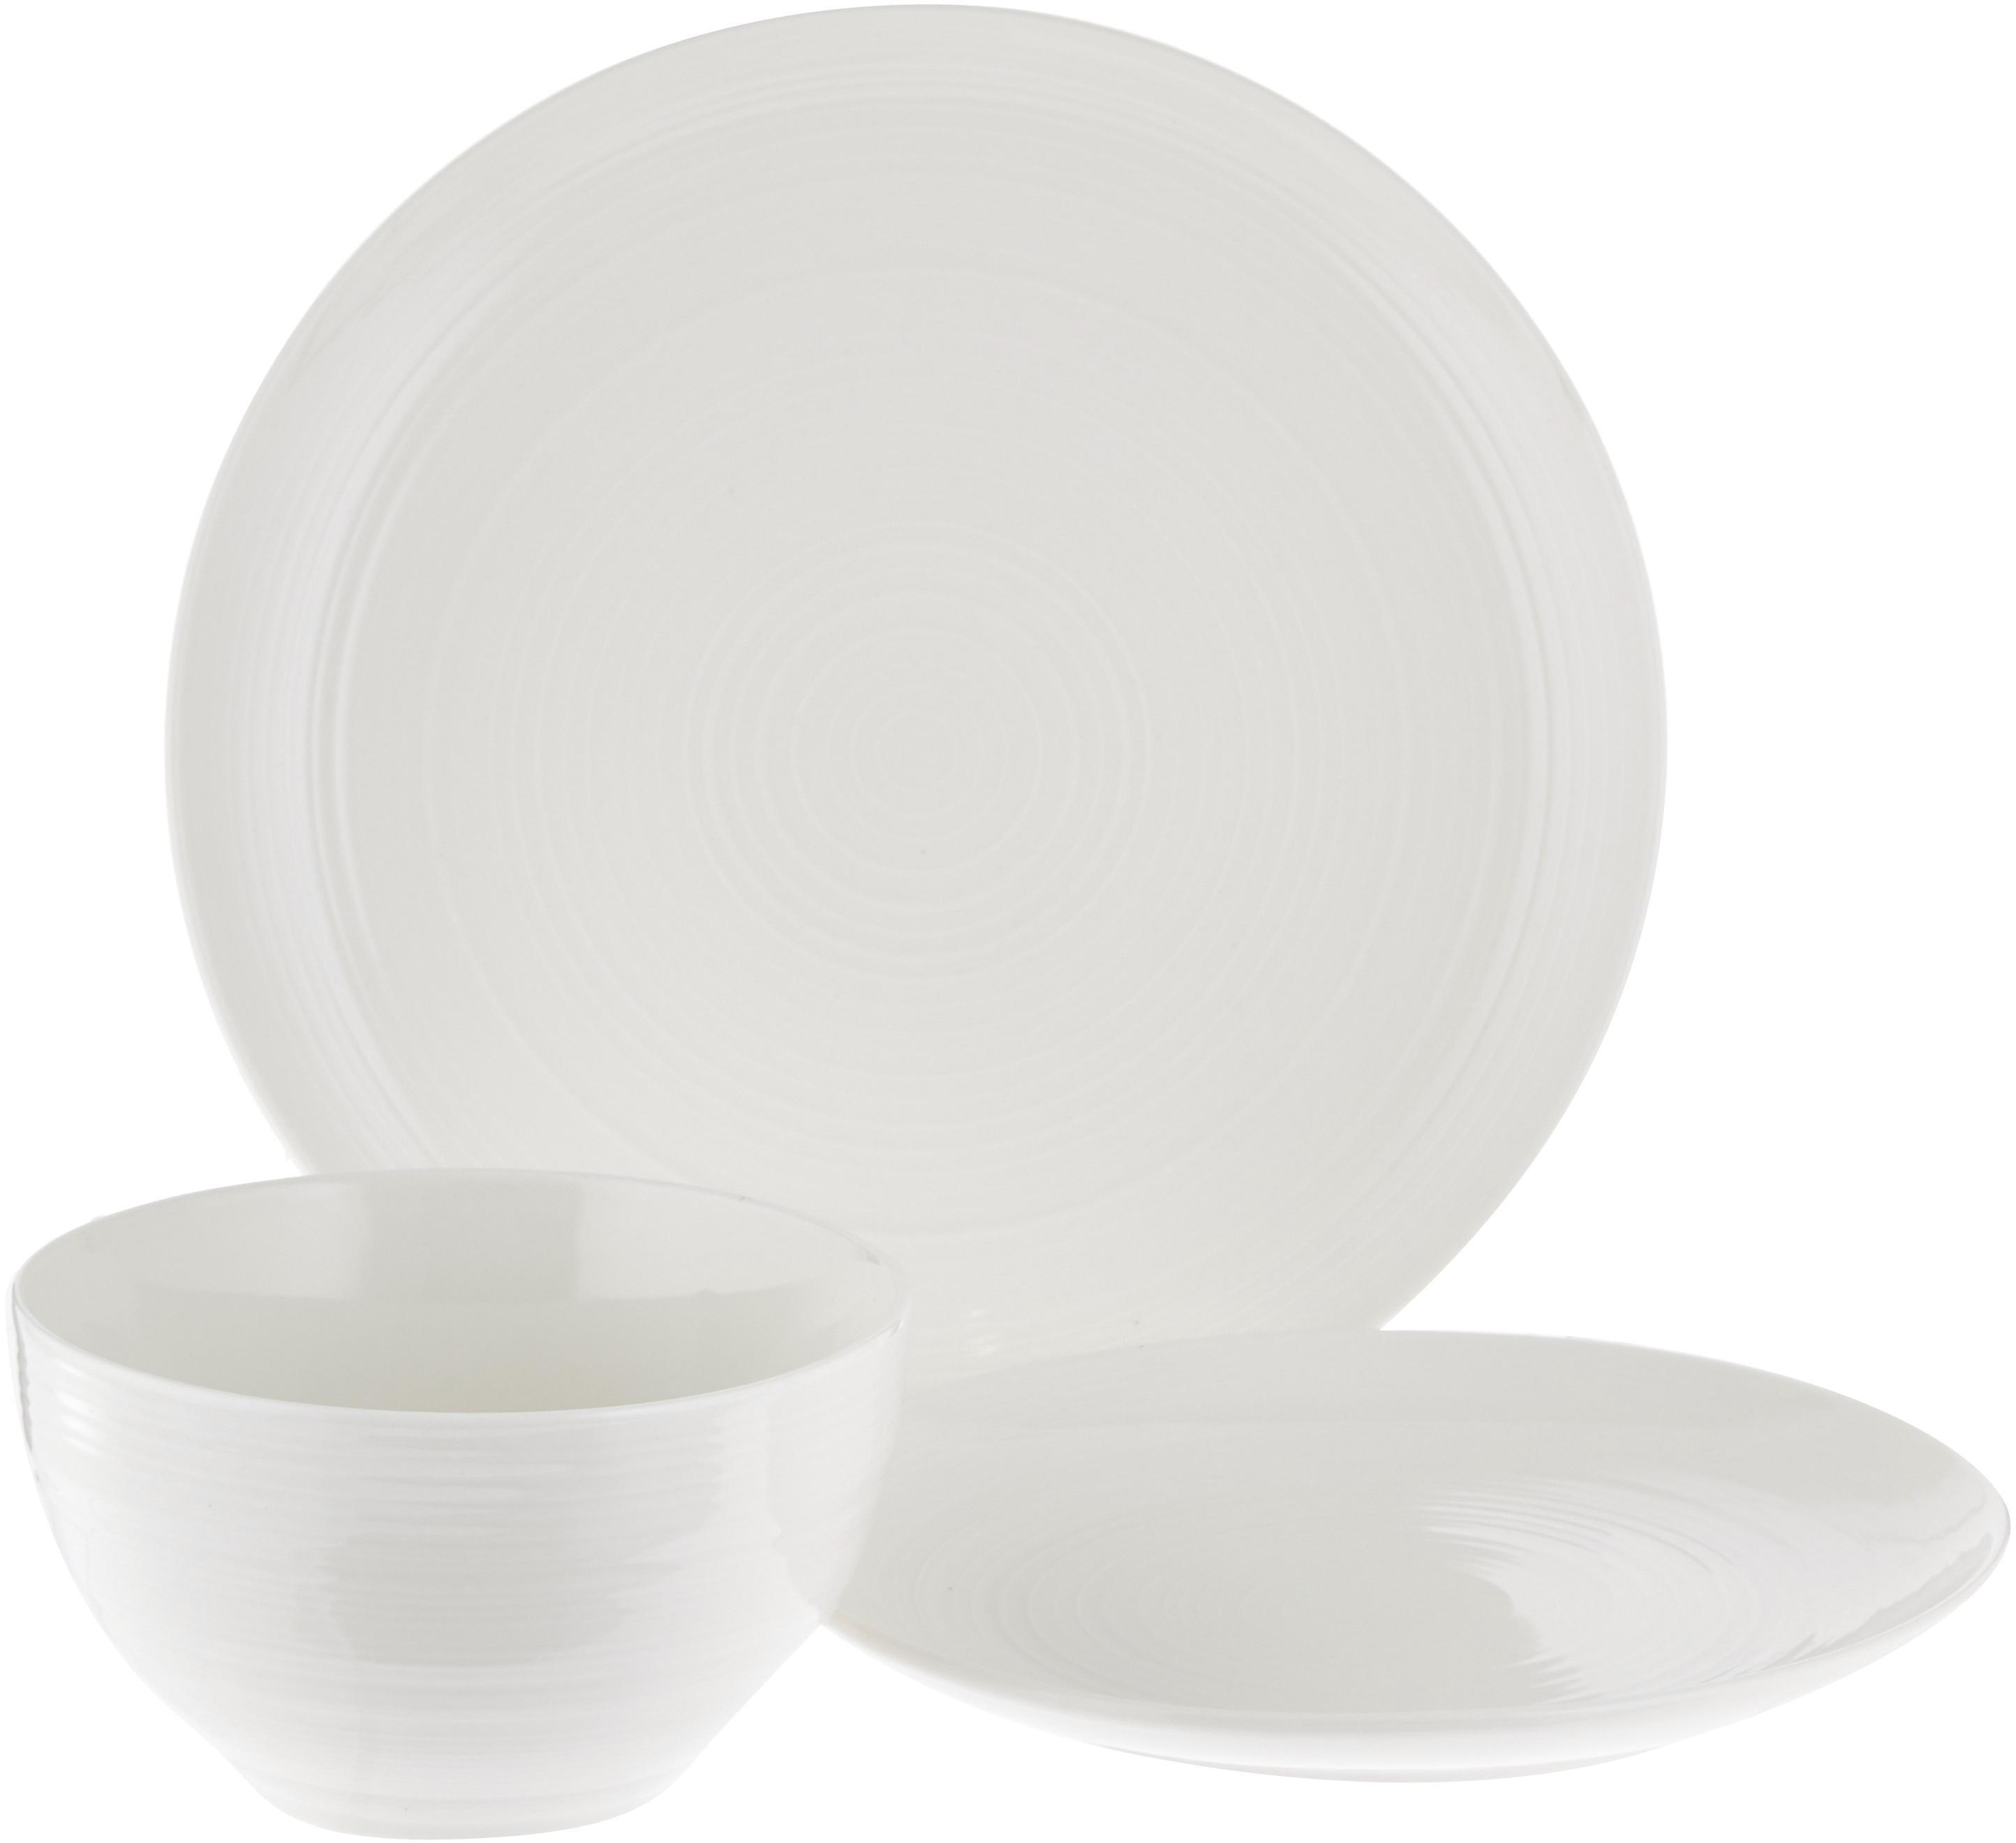 Set 12 piatti con superficie strutturata Darby, New bone china, Bianco, Diverse dimensioni